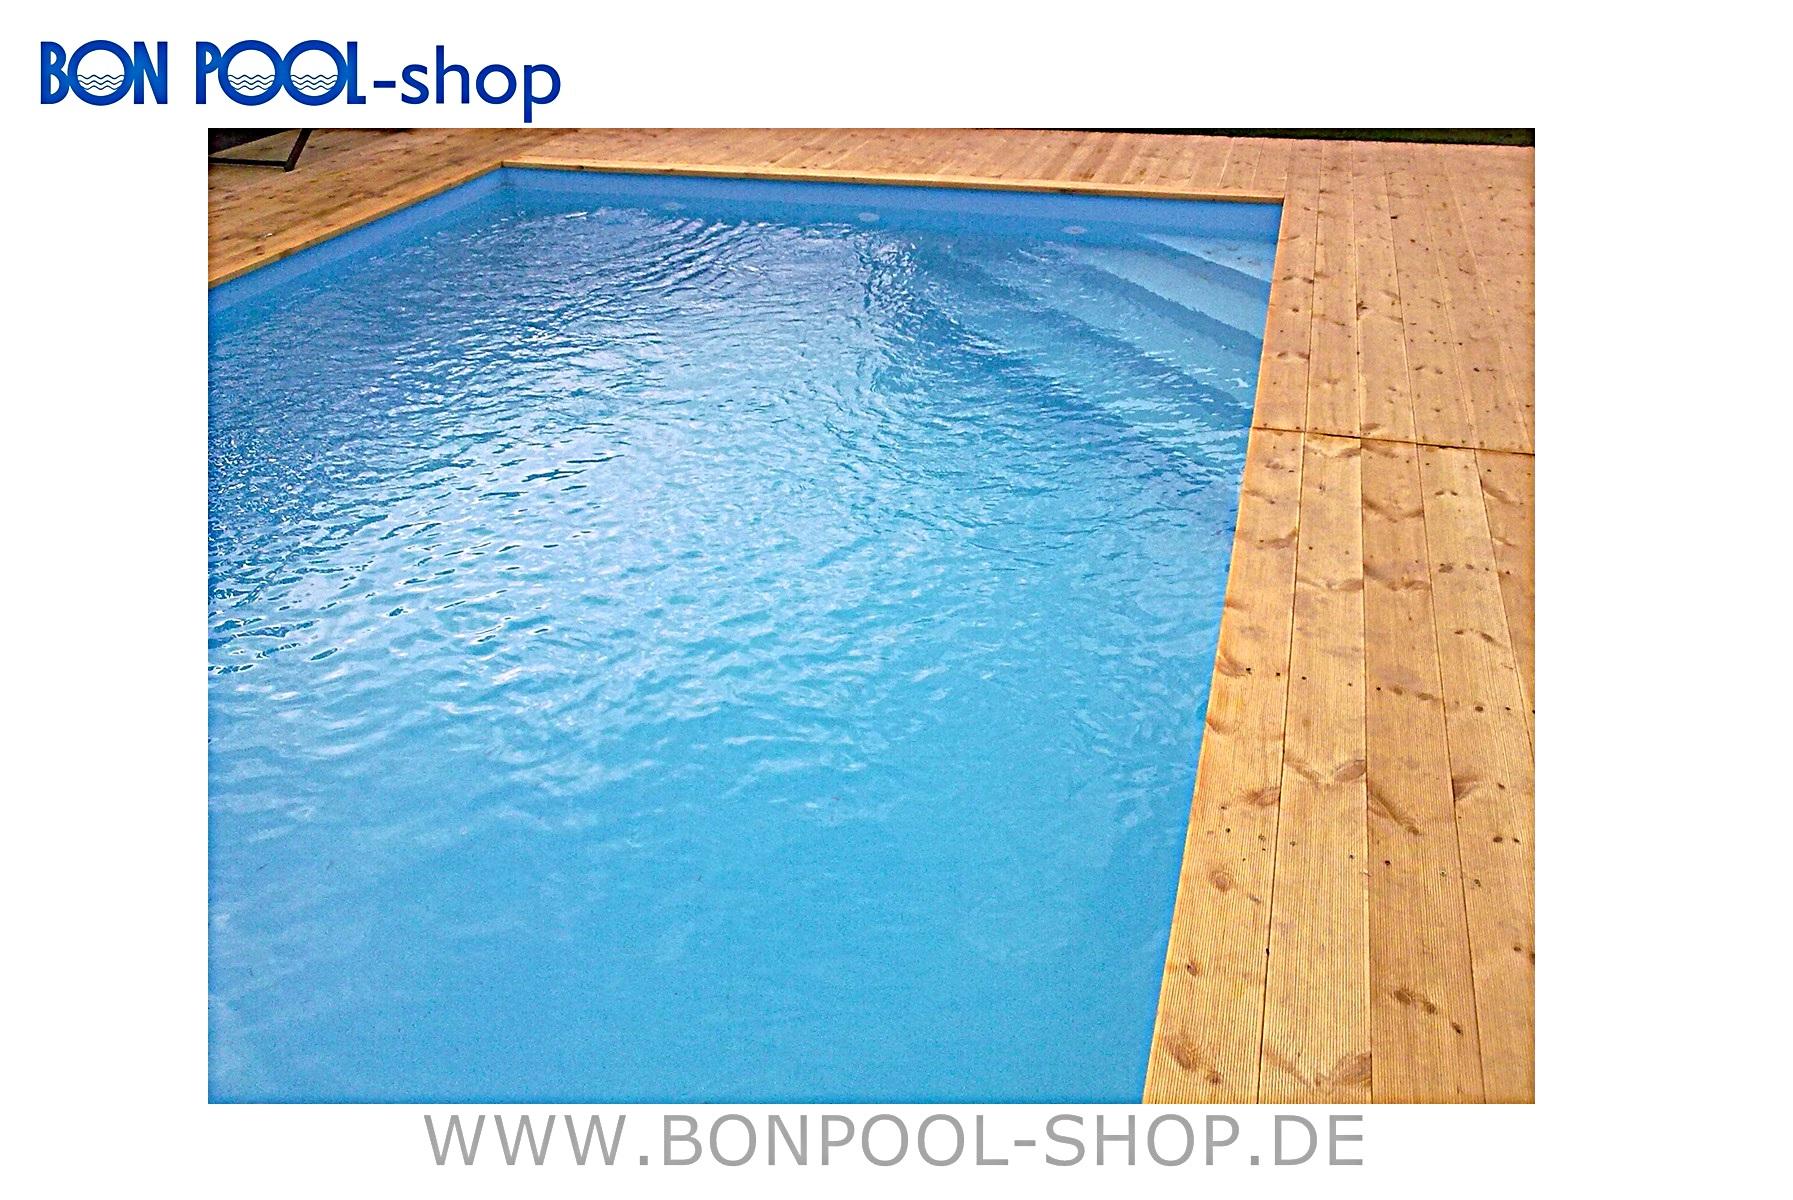 pp kunststoff rechteckbecken set 6x3x1 5m bon pool. Black Bedroom Furniture Sets. Home Design Ideas